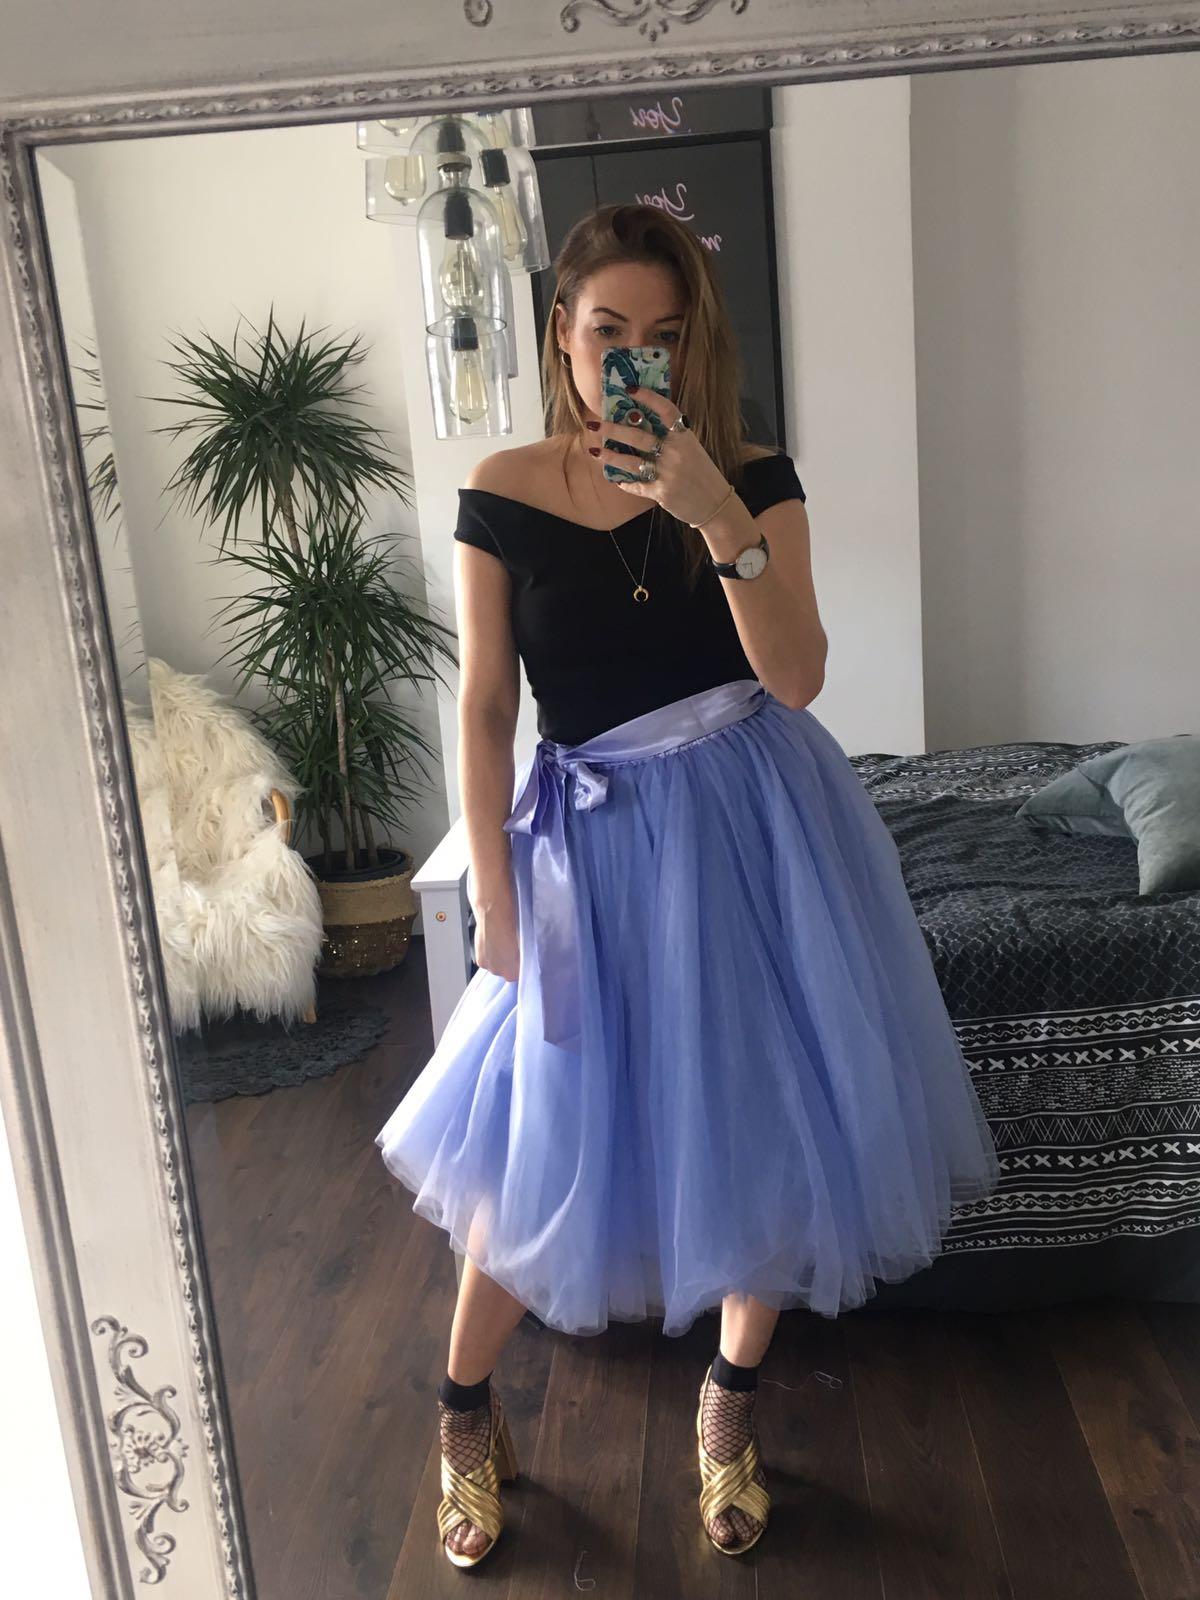 e3dd0327d637f6 Tulle Skirts Archives - Elsie's Attic